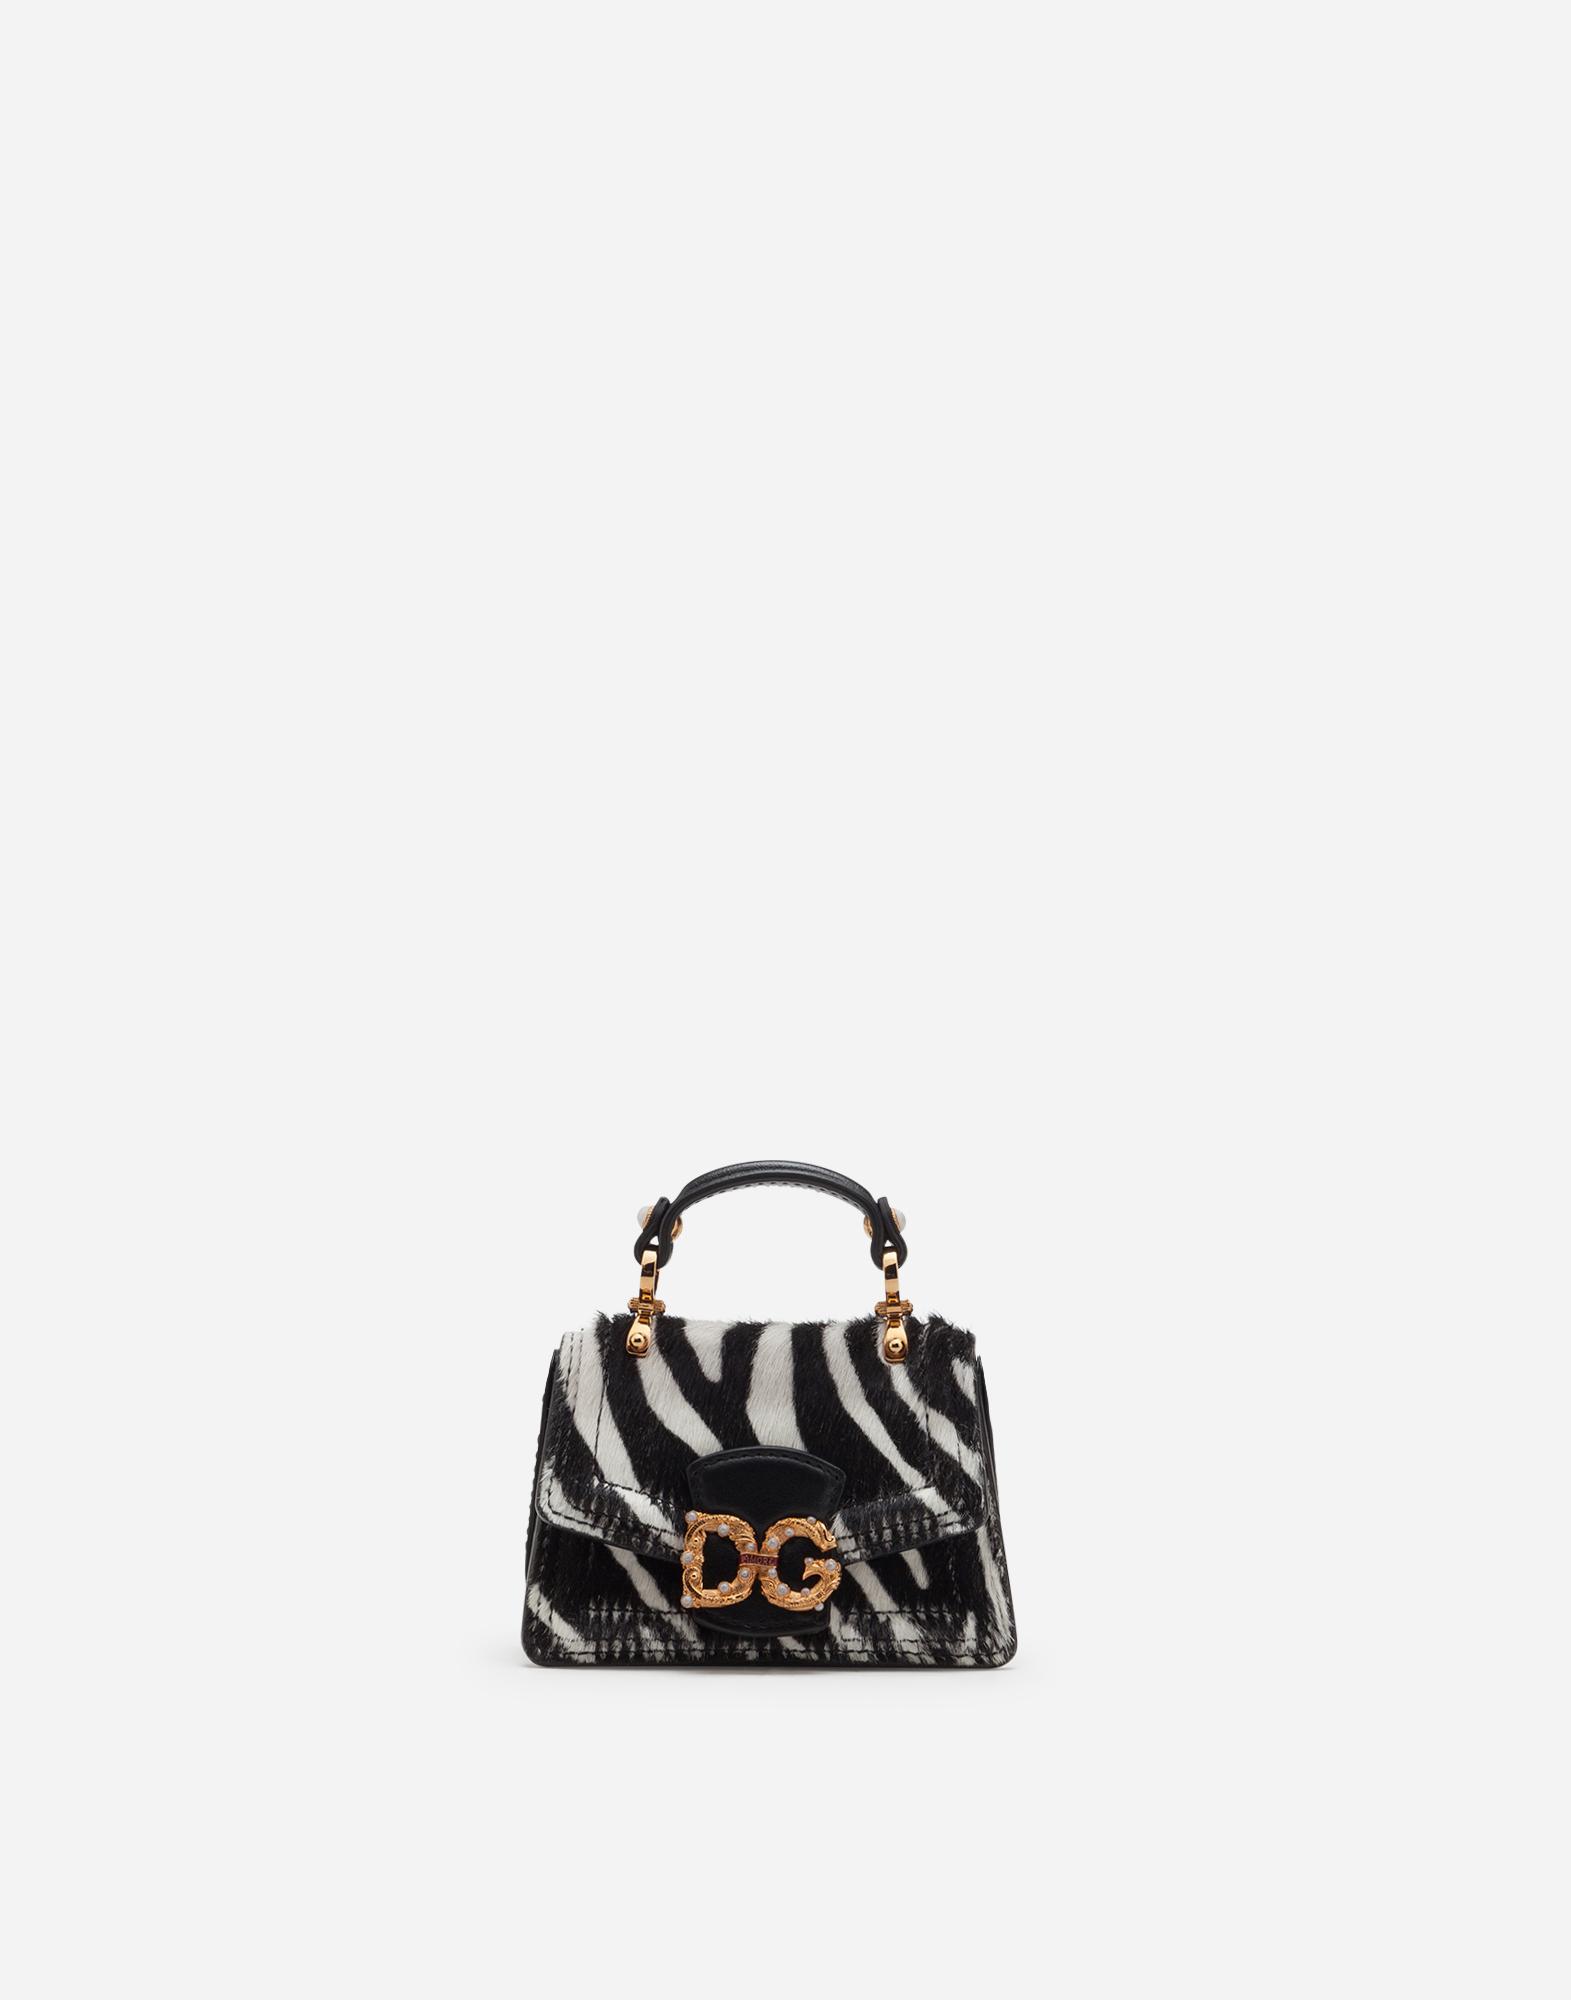 Mini Bag Runway Printed Shoulder Bag Travel Shoulder Bag High Quality Hot Sale